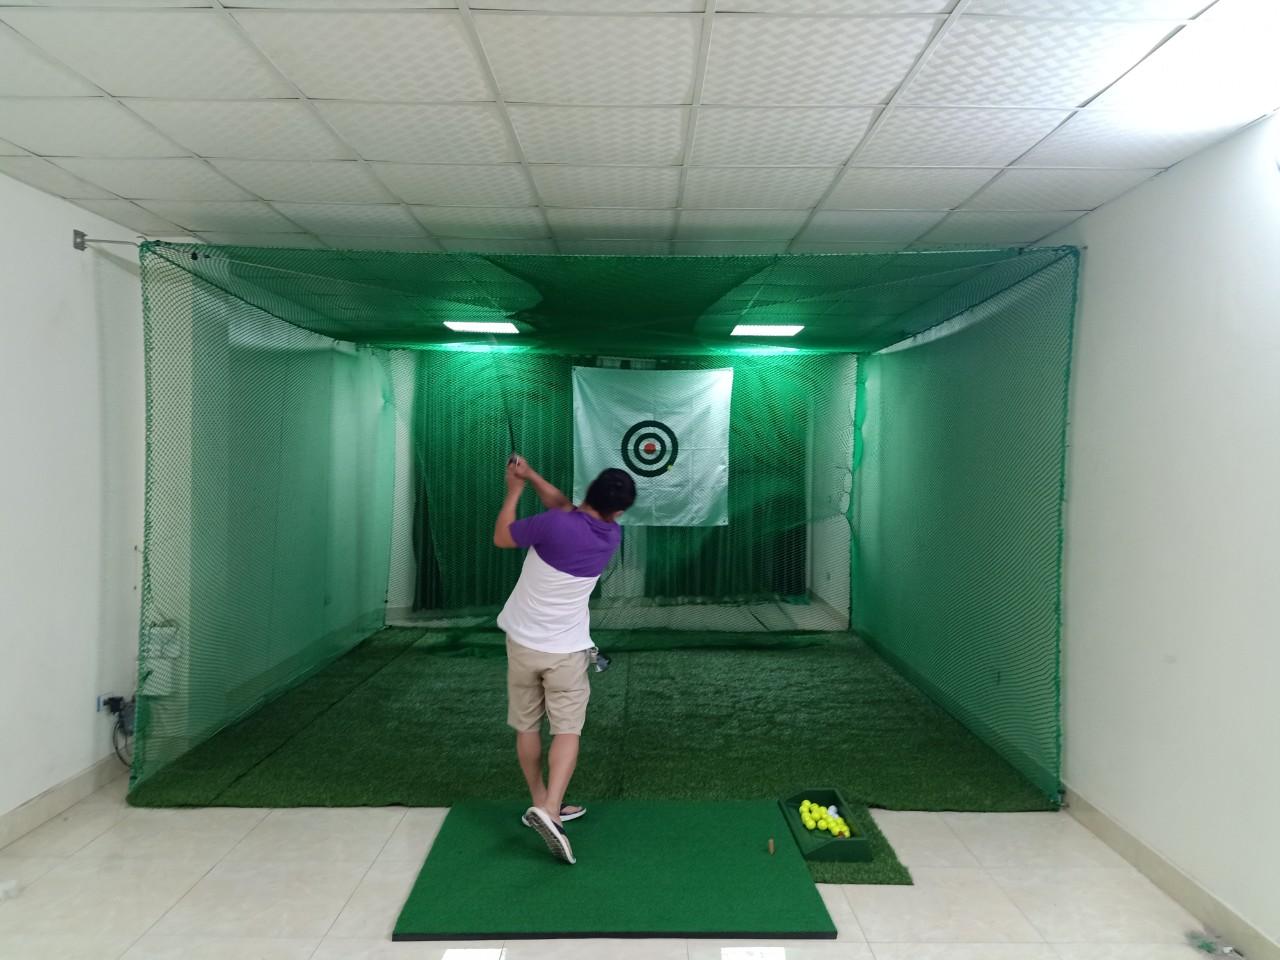 Báo giá thi công phòng tập Golf 3D trong nhà trọn gói thiết kế, lắp đặt thiết bị phòng Golf 3D tại gia